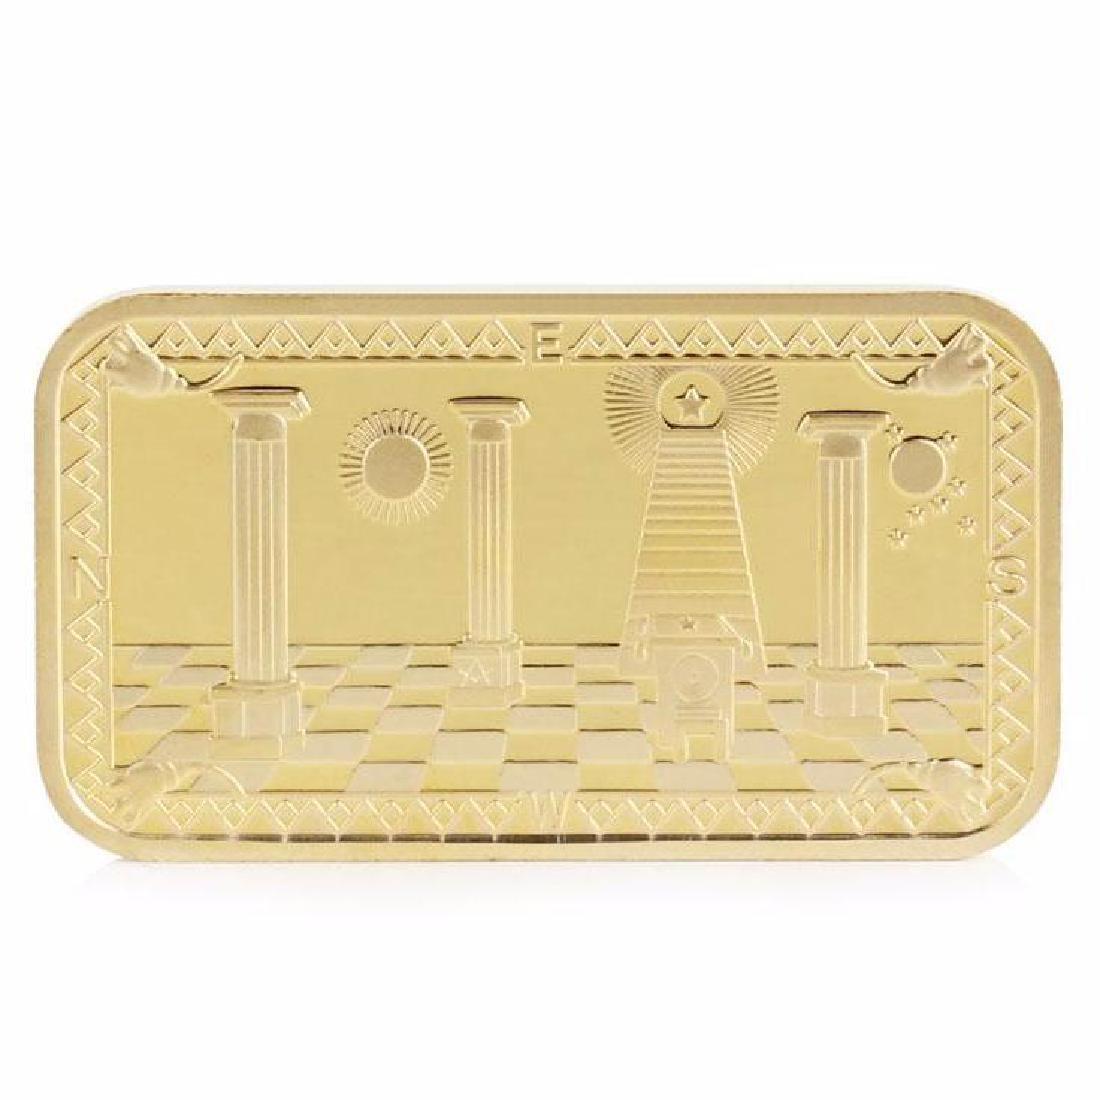 Masonic .999 Fine Gold Clad Bullion Bar - 2